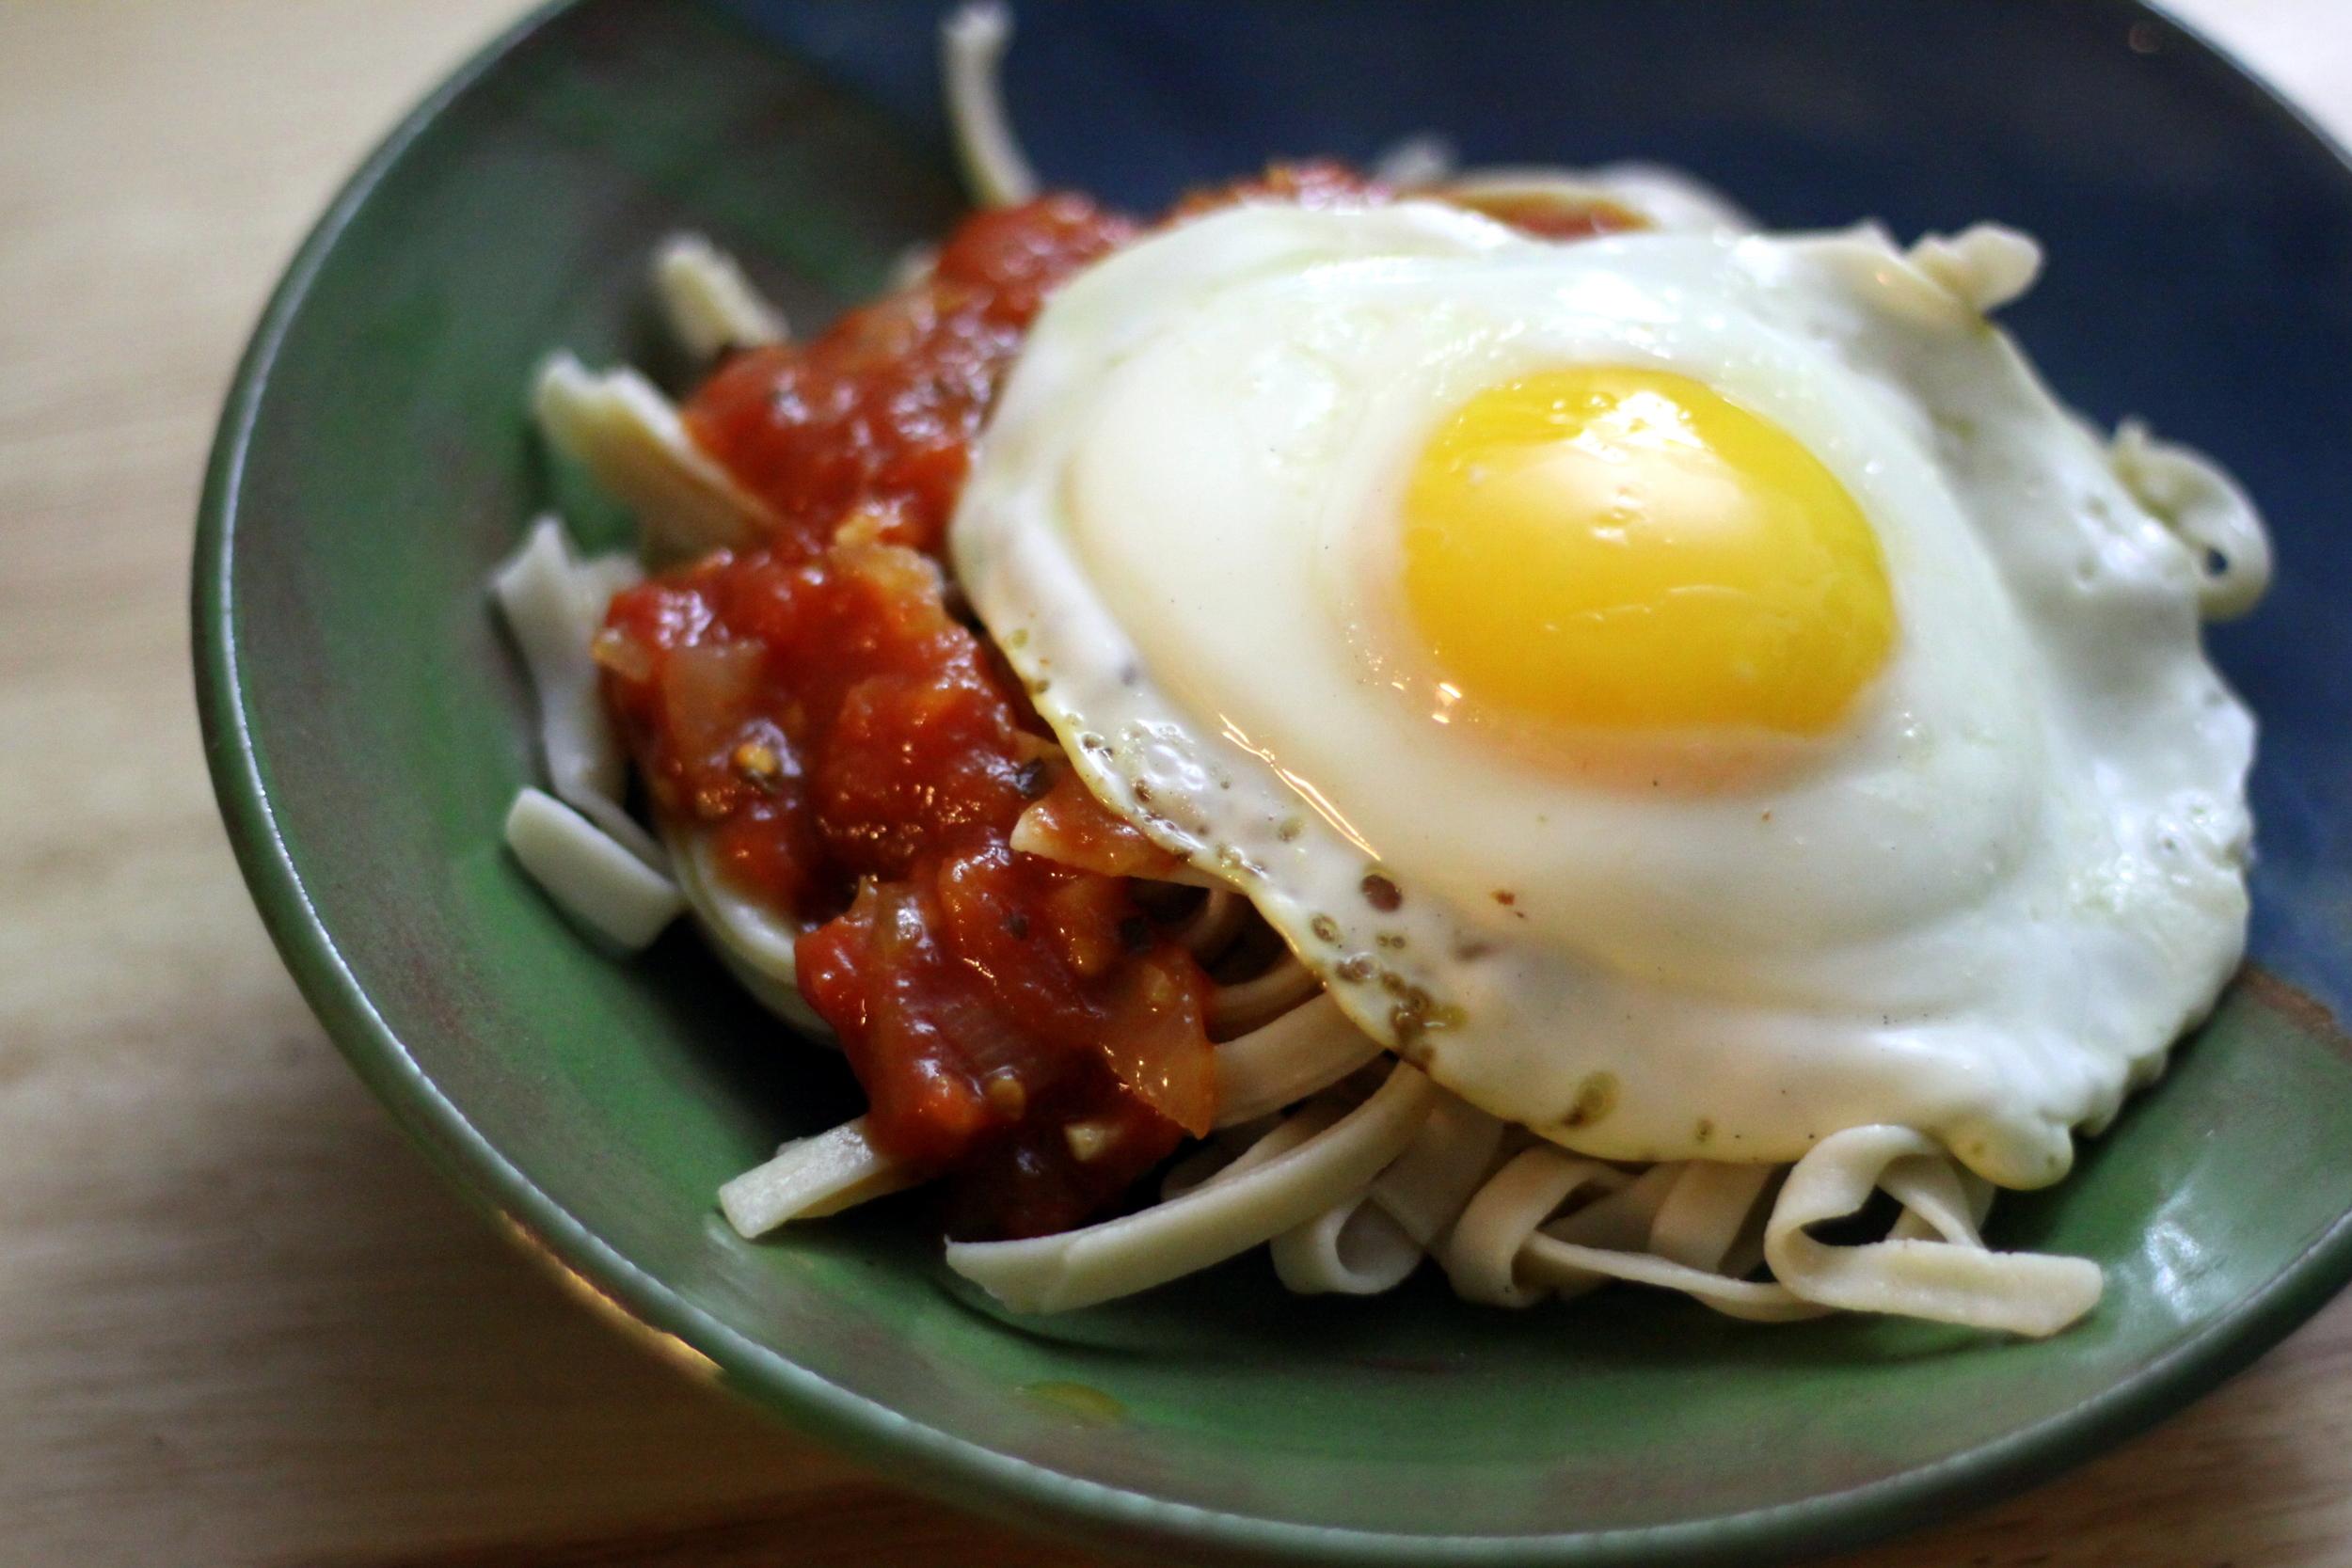 egg on pasta